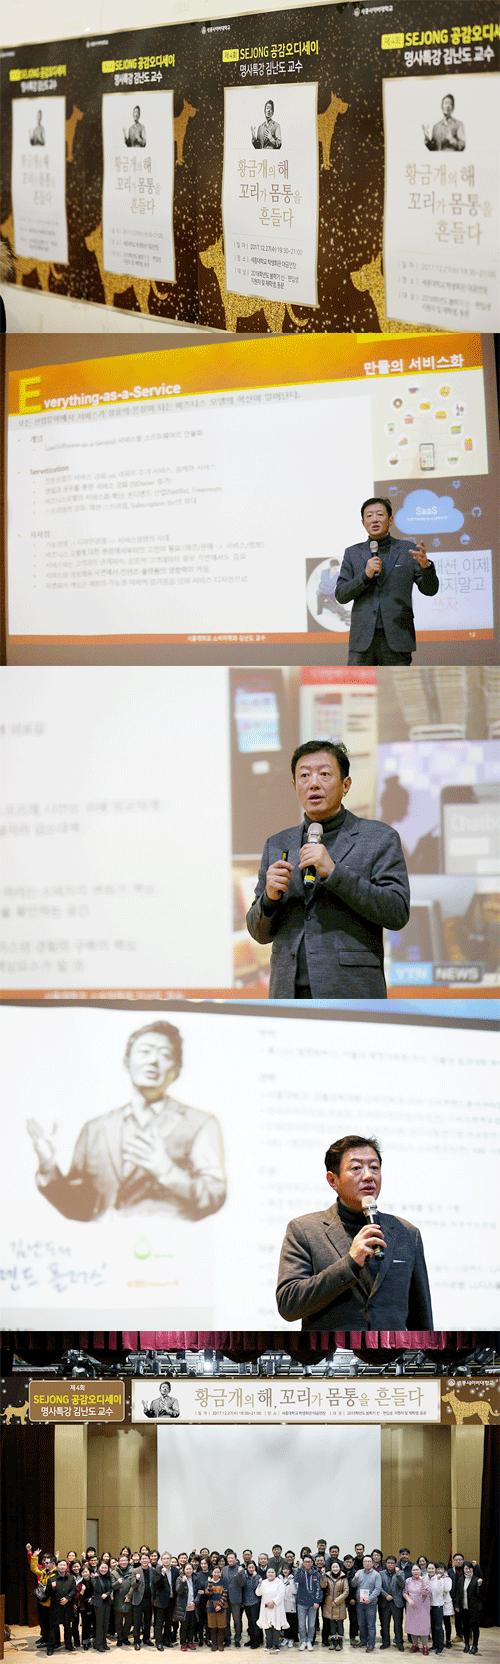 제4회 공감오디세이 진행현장 이미지